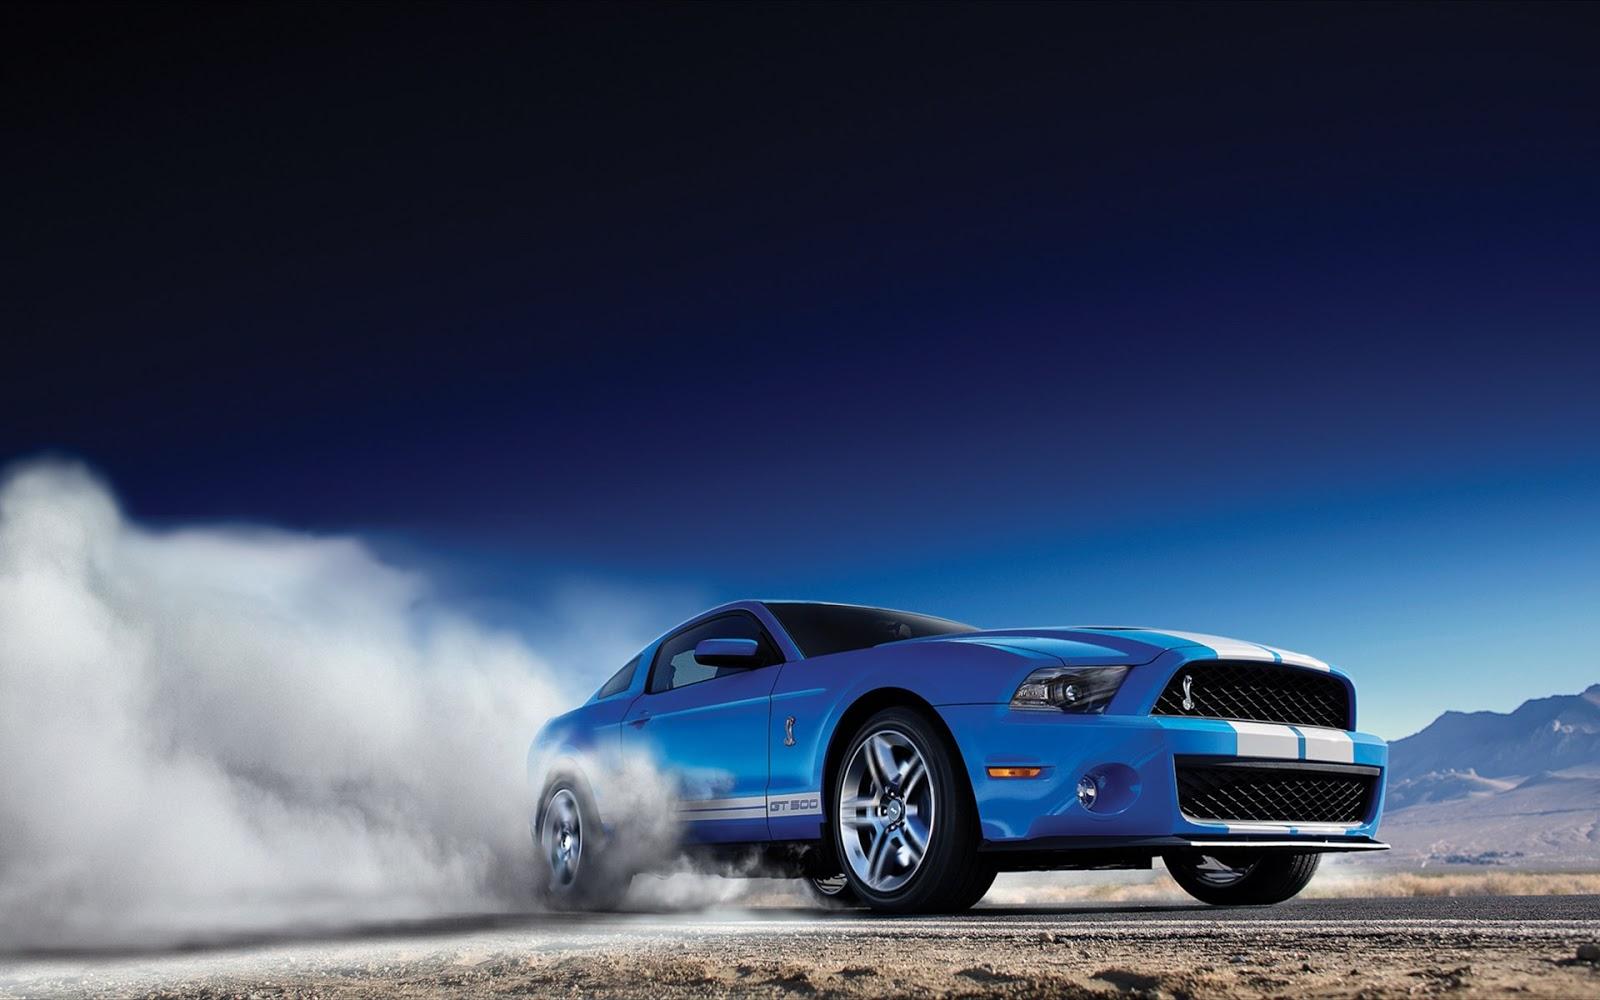 http://2.bp.blogspot.com/-7Al0jccZqr0/UPh9nJWZpfI/AAAAAAAAPMU/S3hBdCK9OKE/s1600/Ford+Mustang+SVT+Cobra+sports+car+wallpapers+1920x1200+(9).jpg